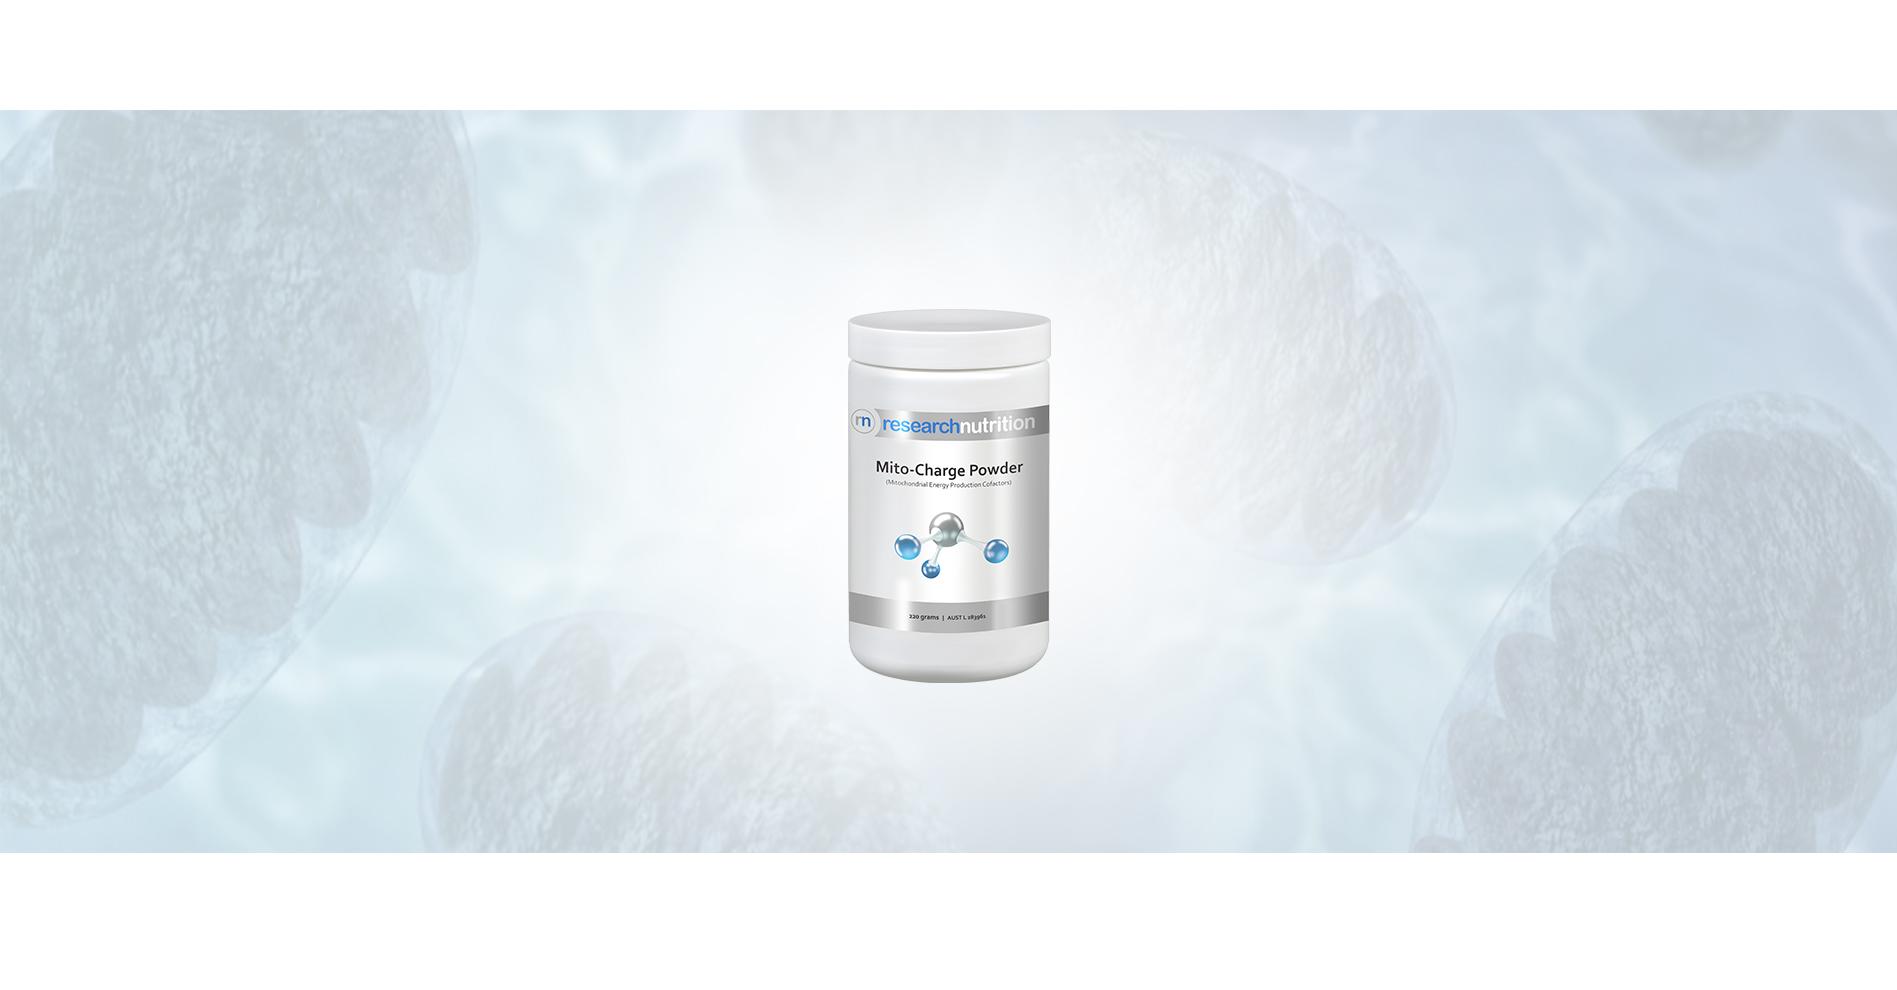 Mito-Charge Powder RN